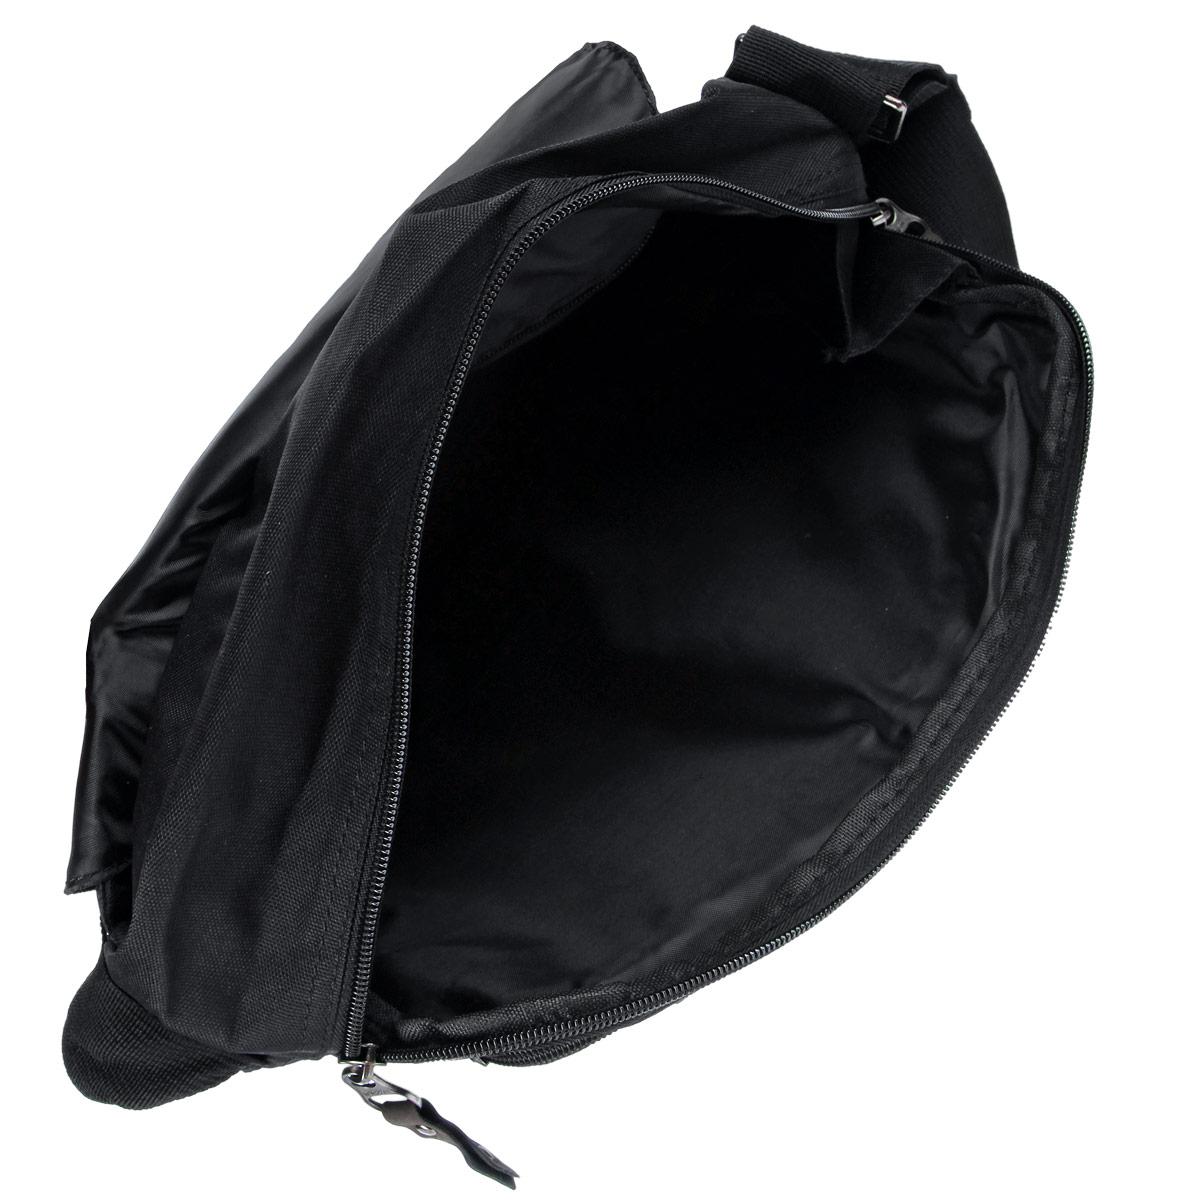 Молодежная сумка с одним отделением,застегивающимся на молнию и клапаном на магнитные кнопки.Сумка имеет множество карманов:на клапане,задней и передней стенках,внутри сумки,укрепленное дно,ручку для переноски и регулируемый наплечный ремень.